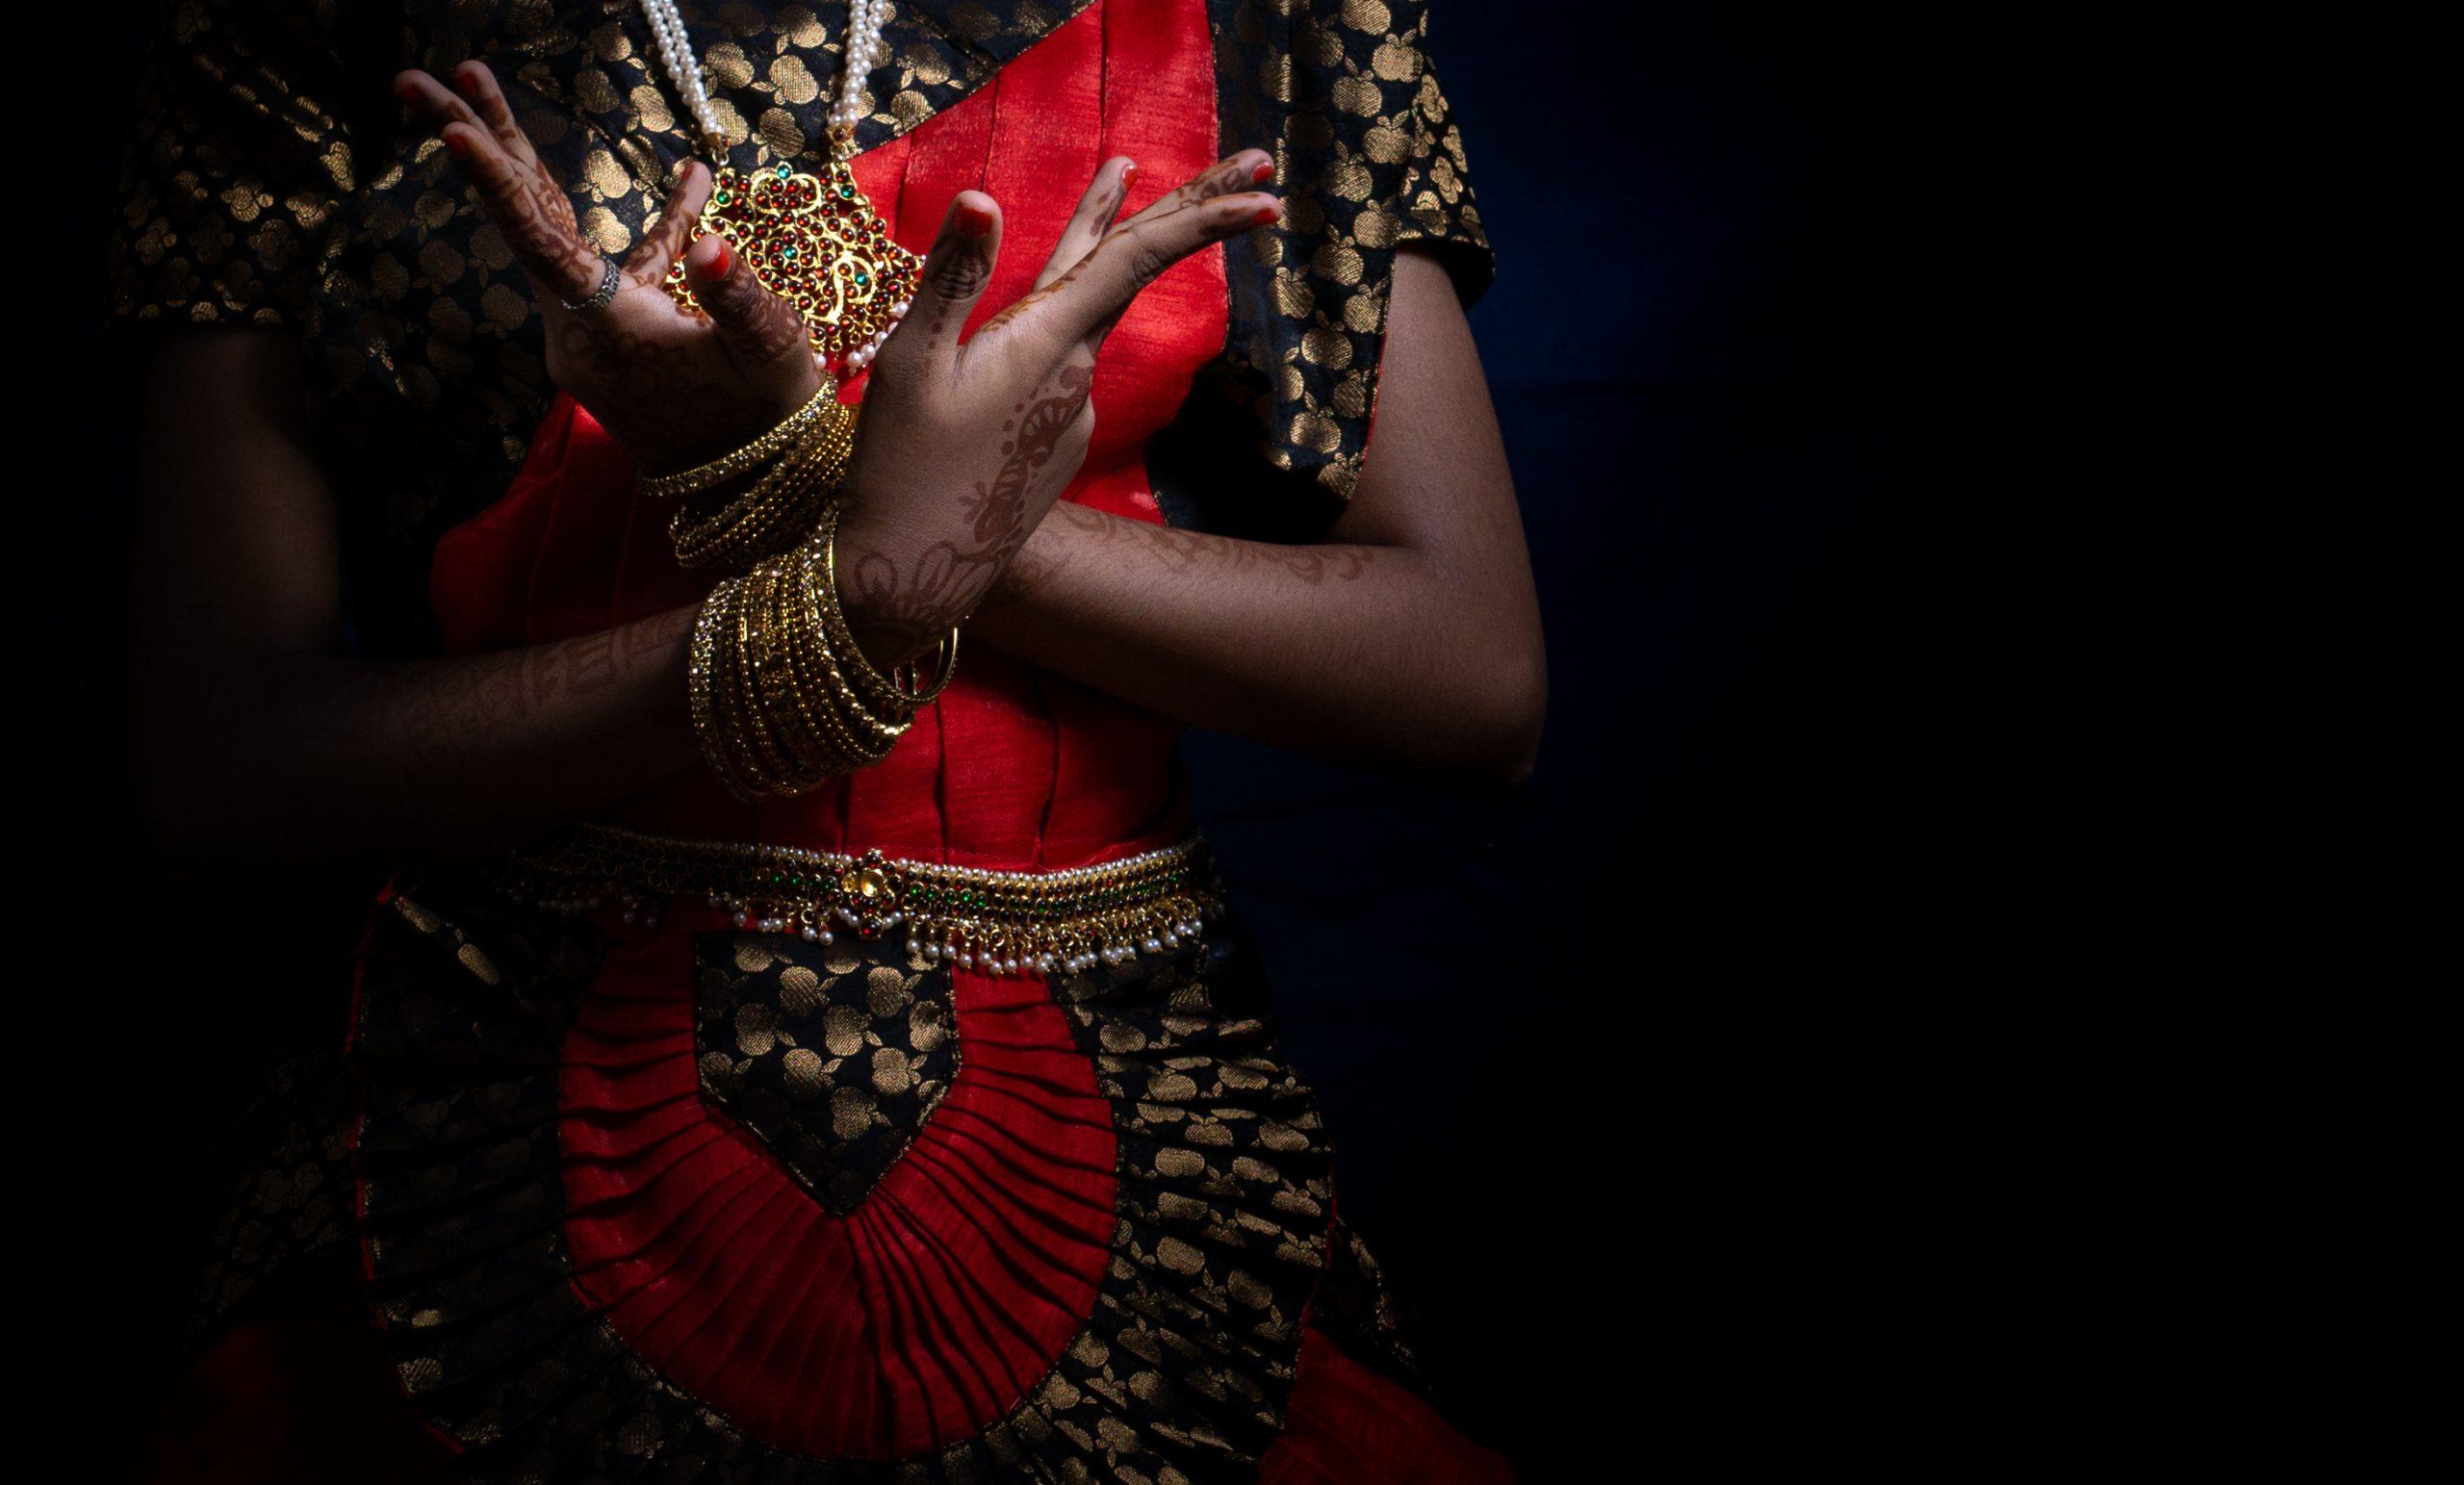 Bharatanatyam dance pose